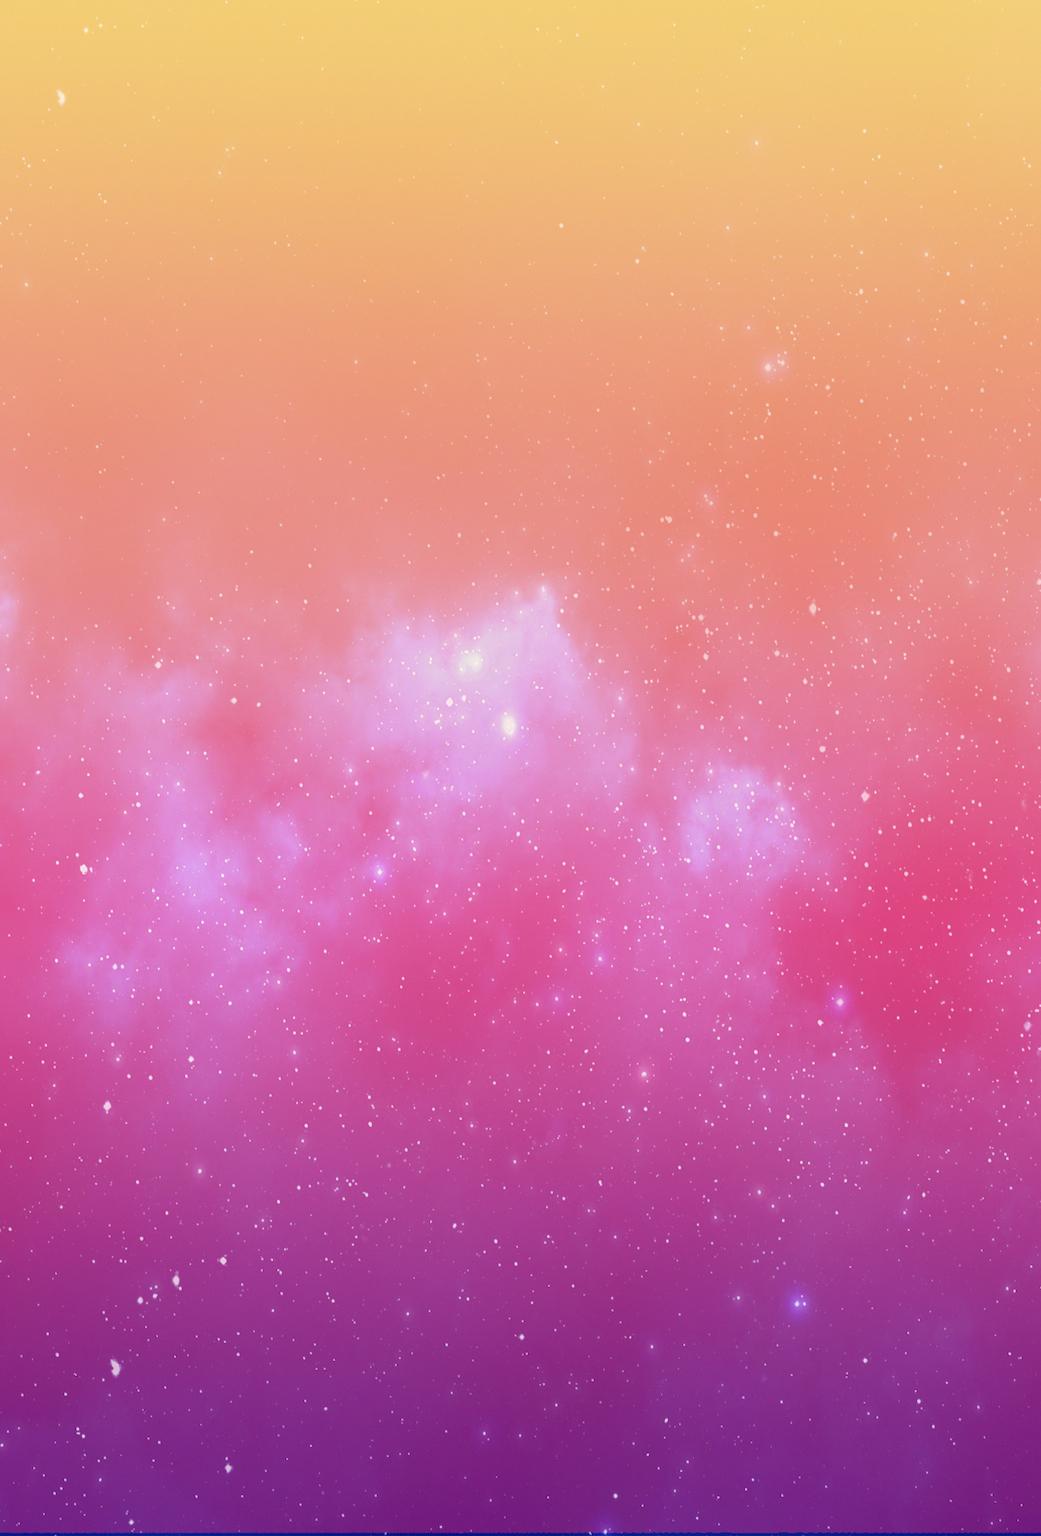 Wallpaper de la semana #44: Galaxia abstracta en iPaderos